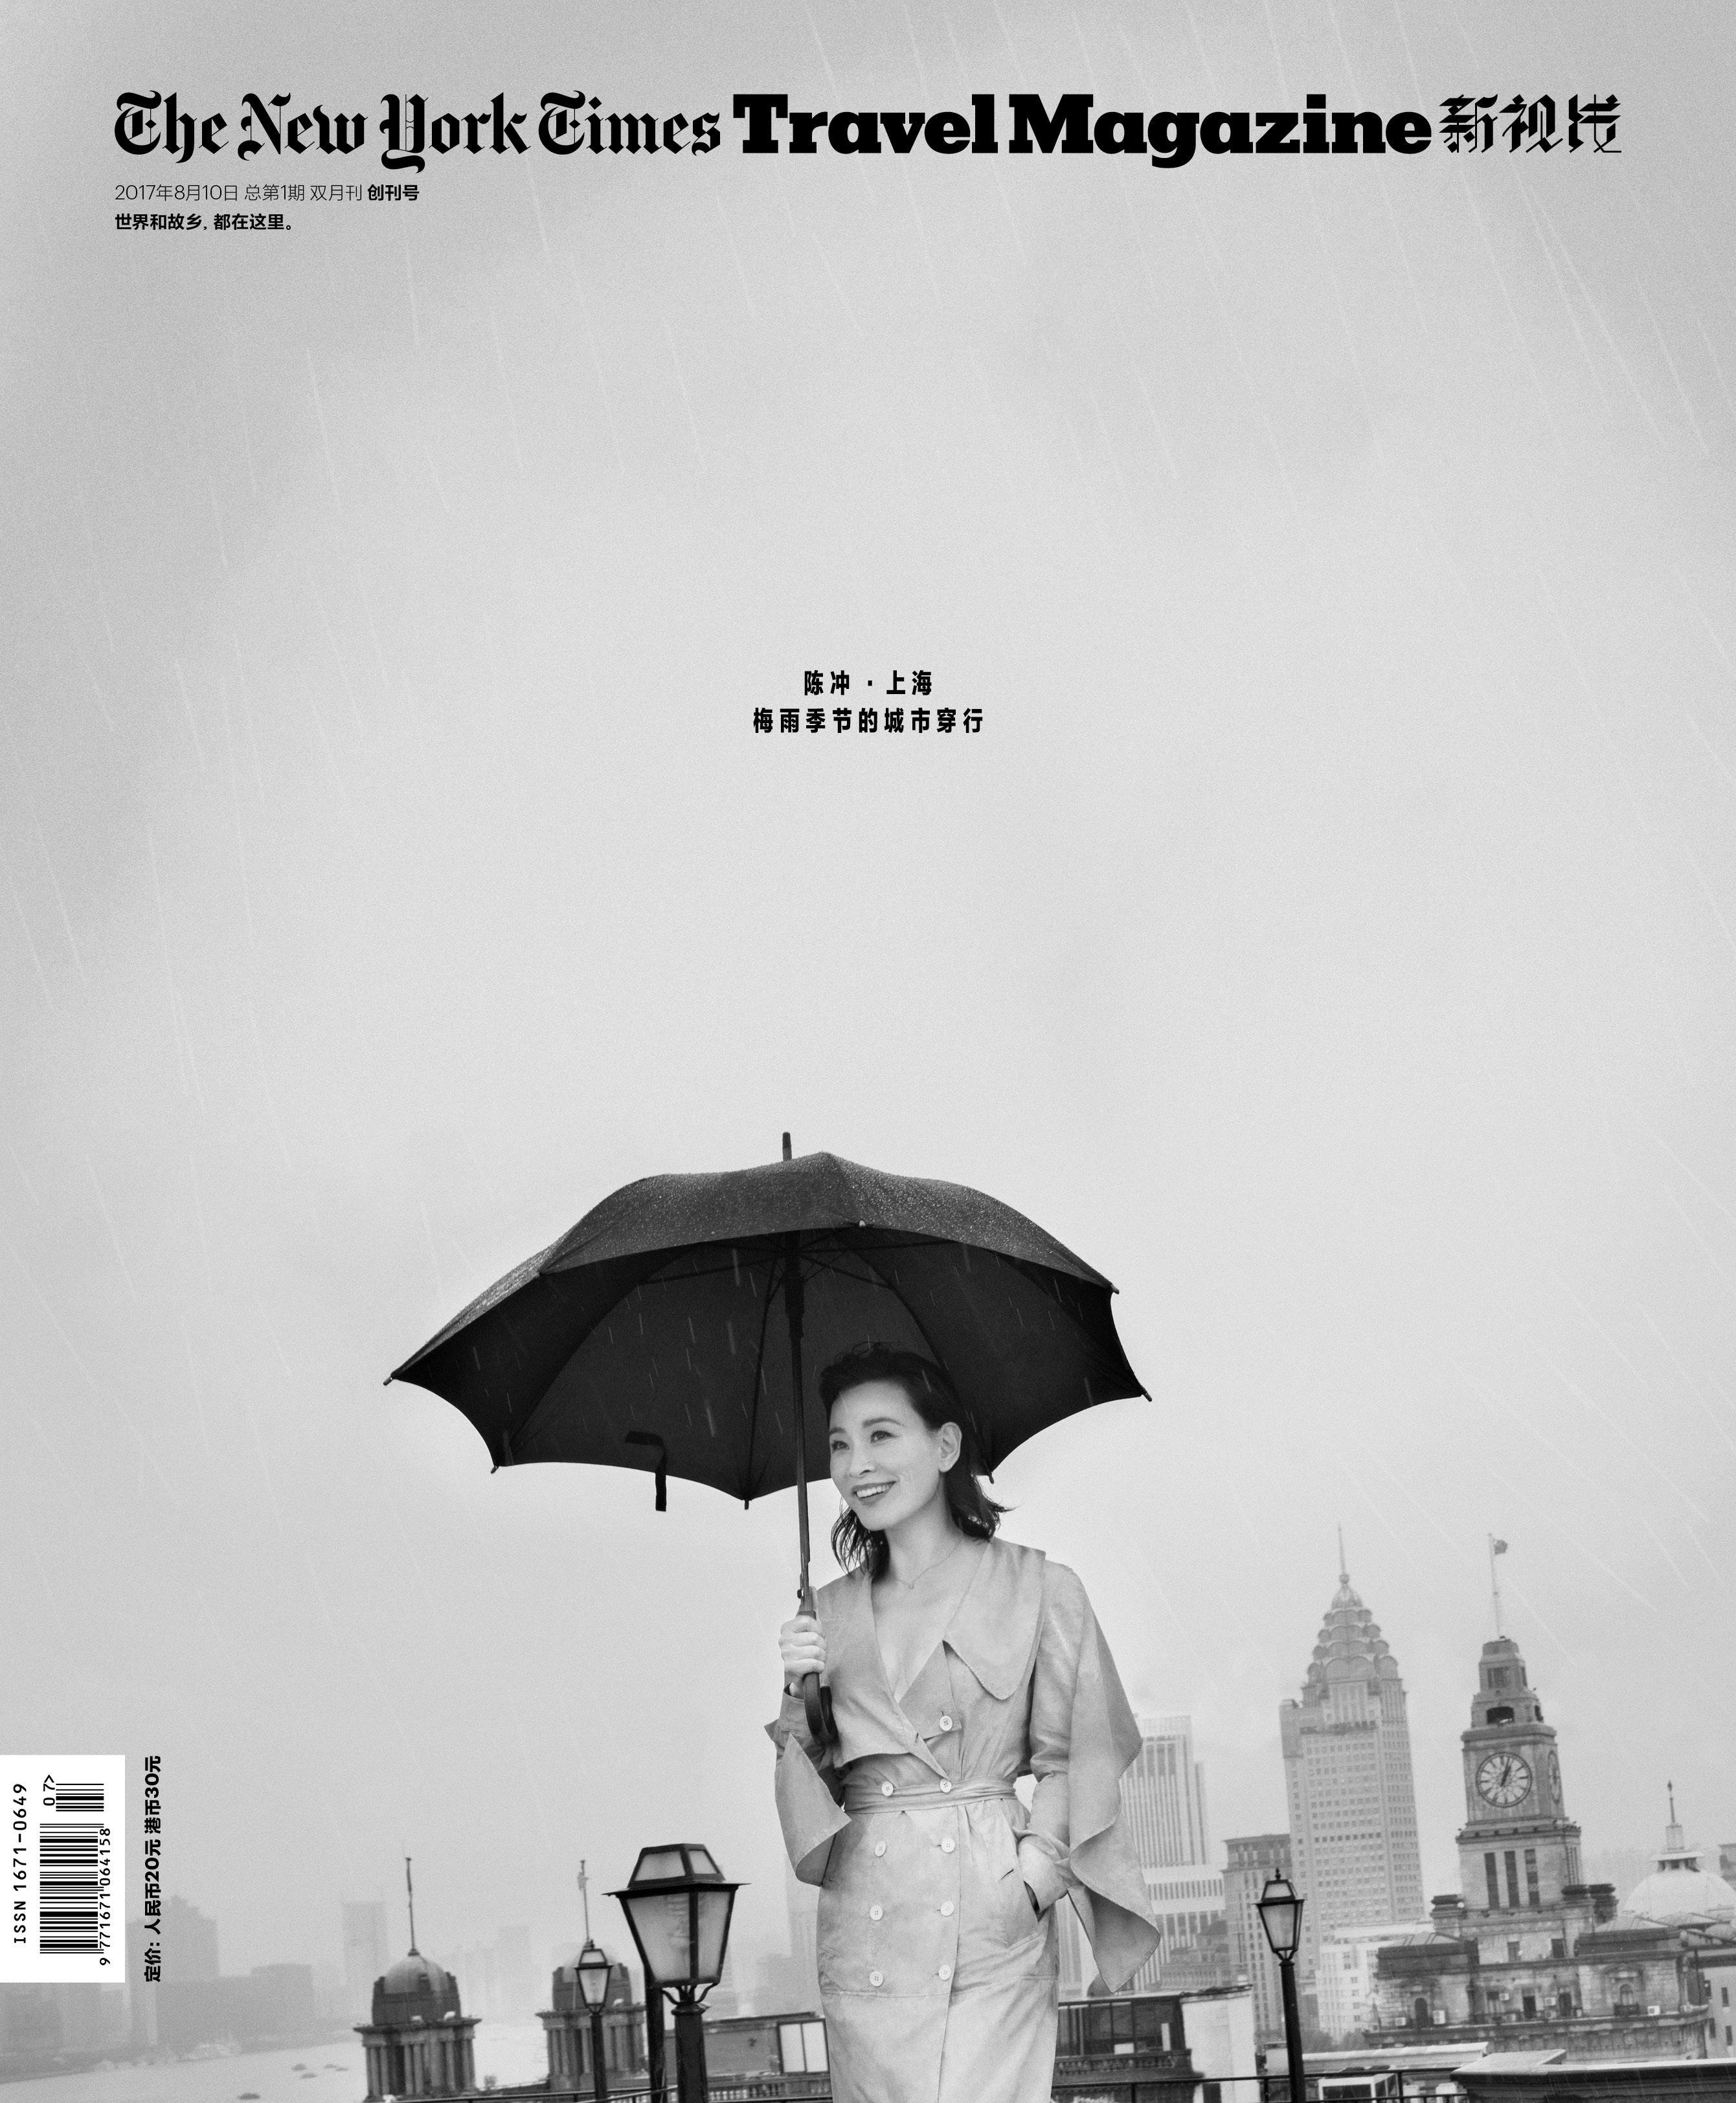 NYT Travel Magazine China Cover ()